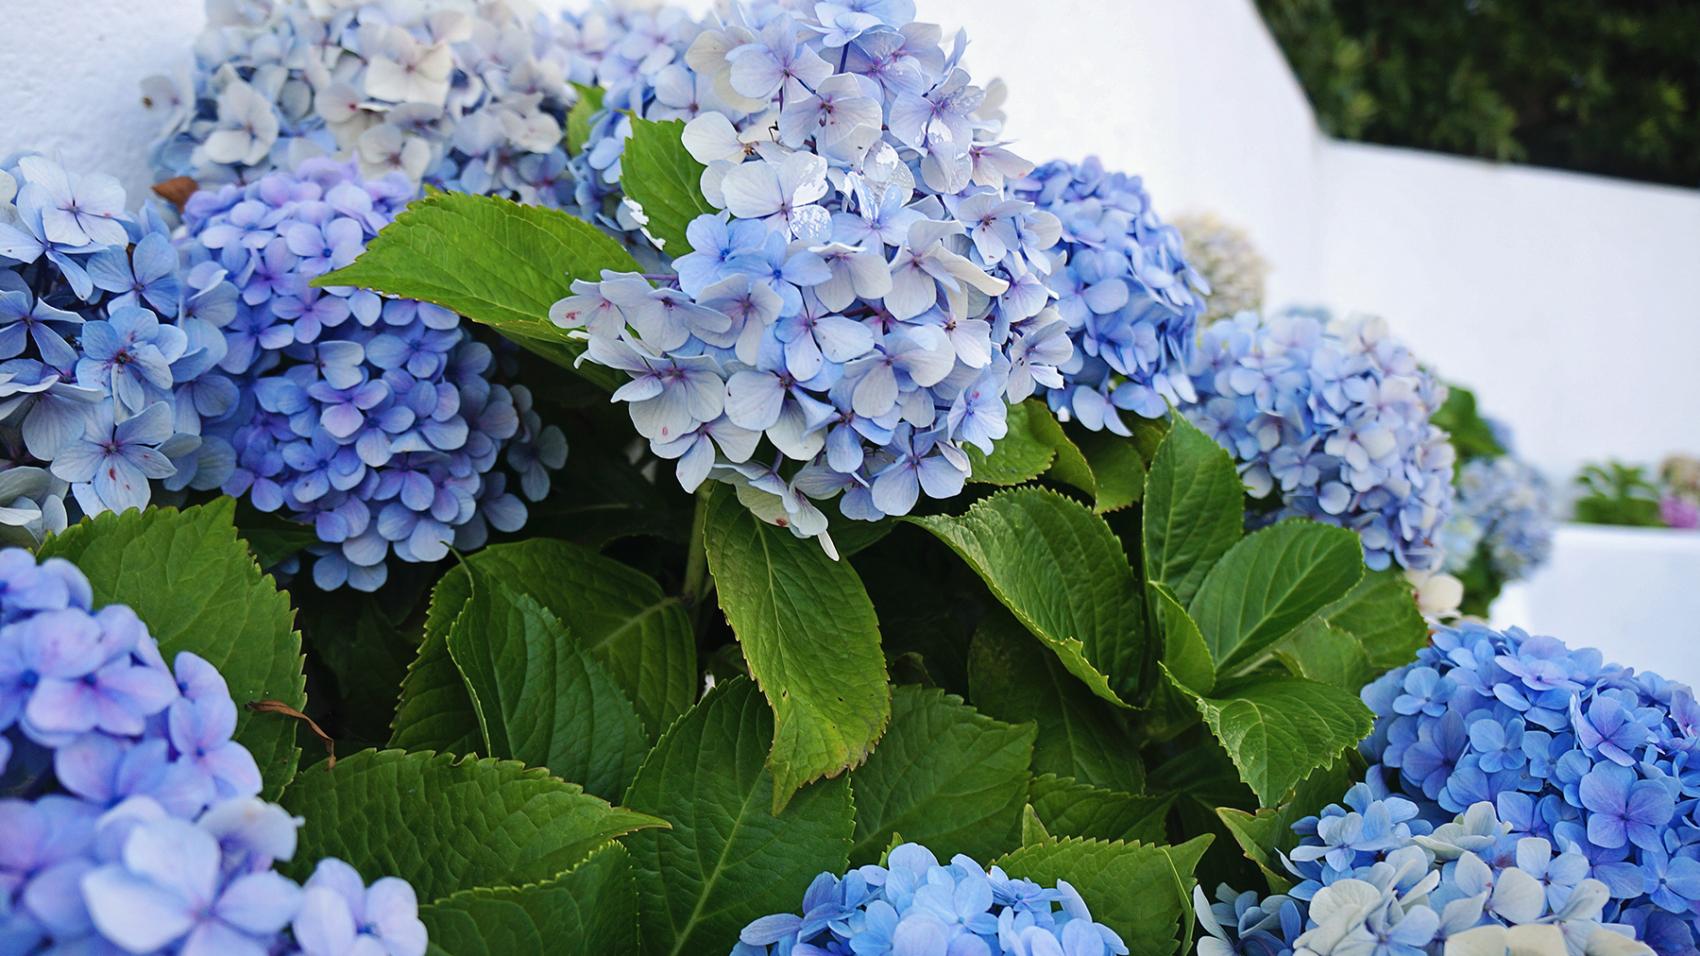 blue hydrangeas of Horta, Azores